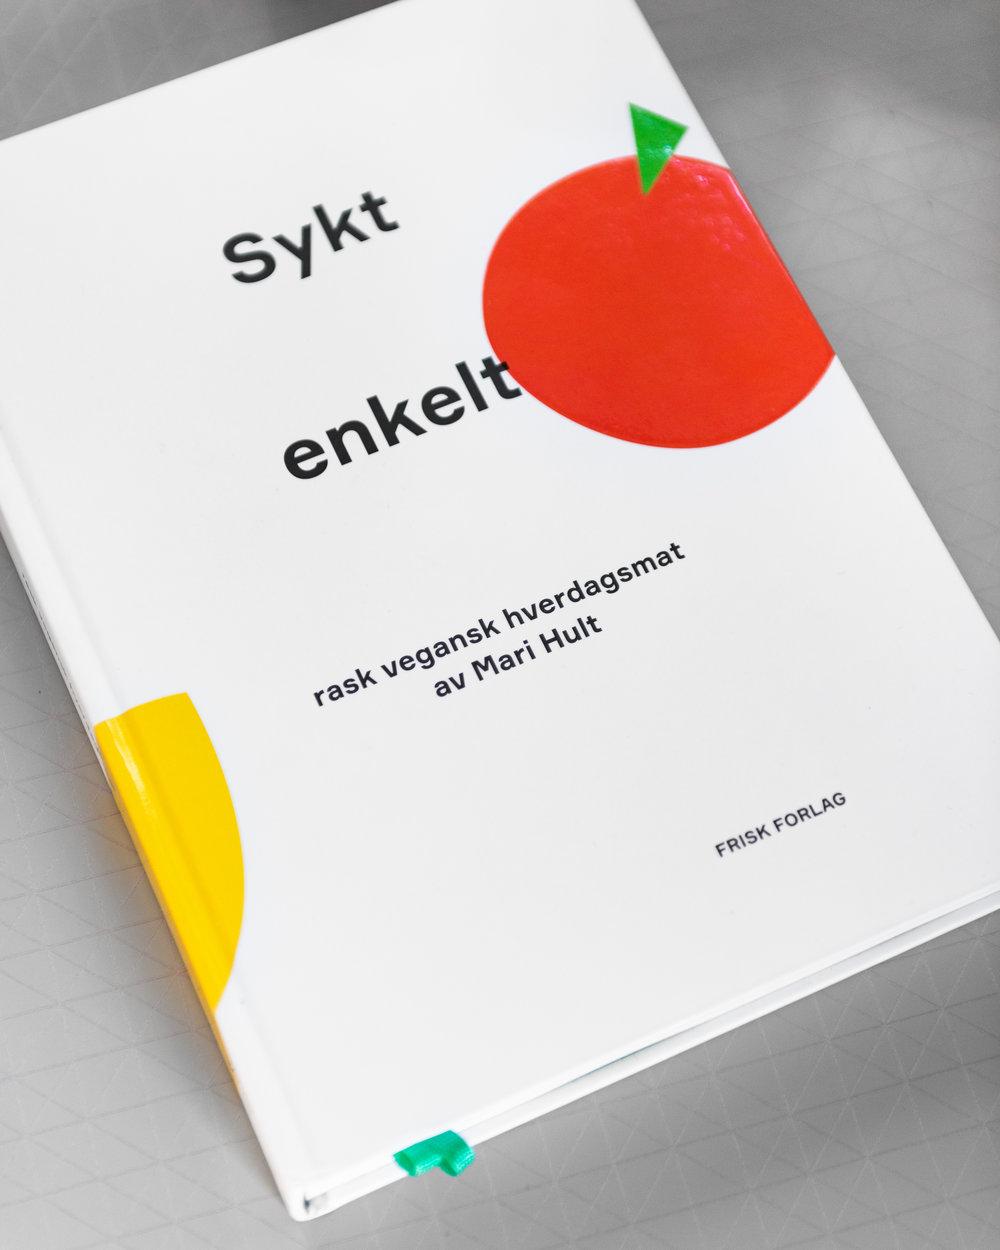 2018-10-23-Sykt-enkelt-08.jpg